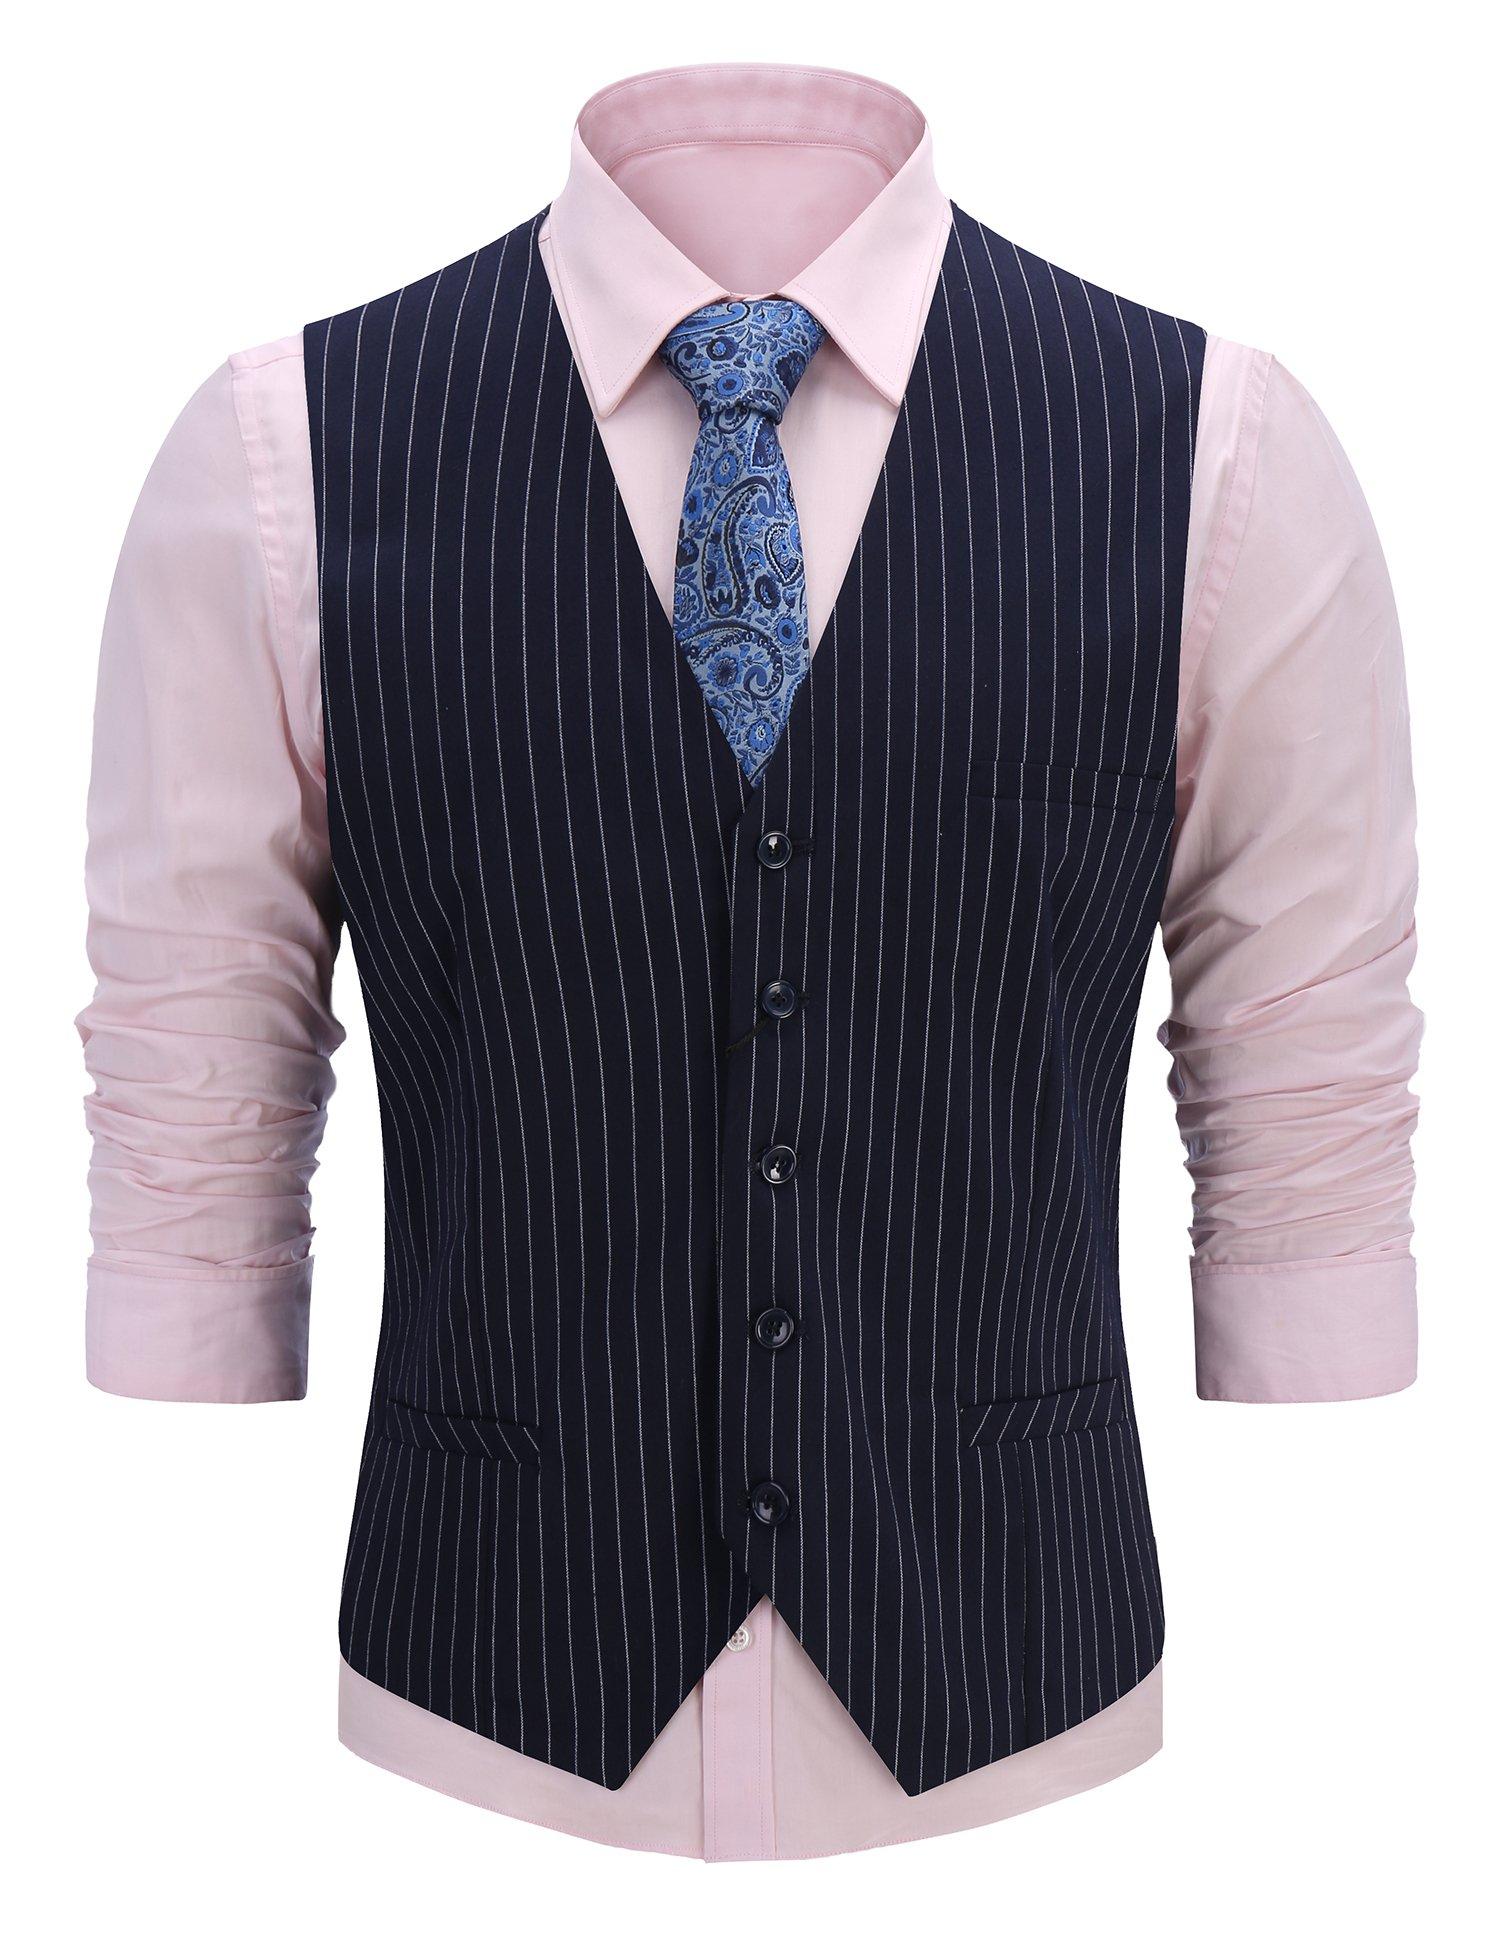 FISOUL Men's Suit Vest Stripe Decoration Slim Fit Casual Business Jacket Vests